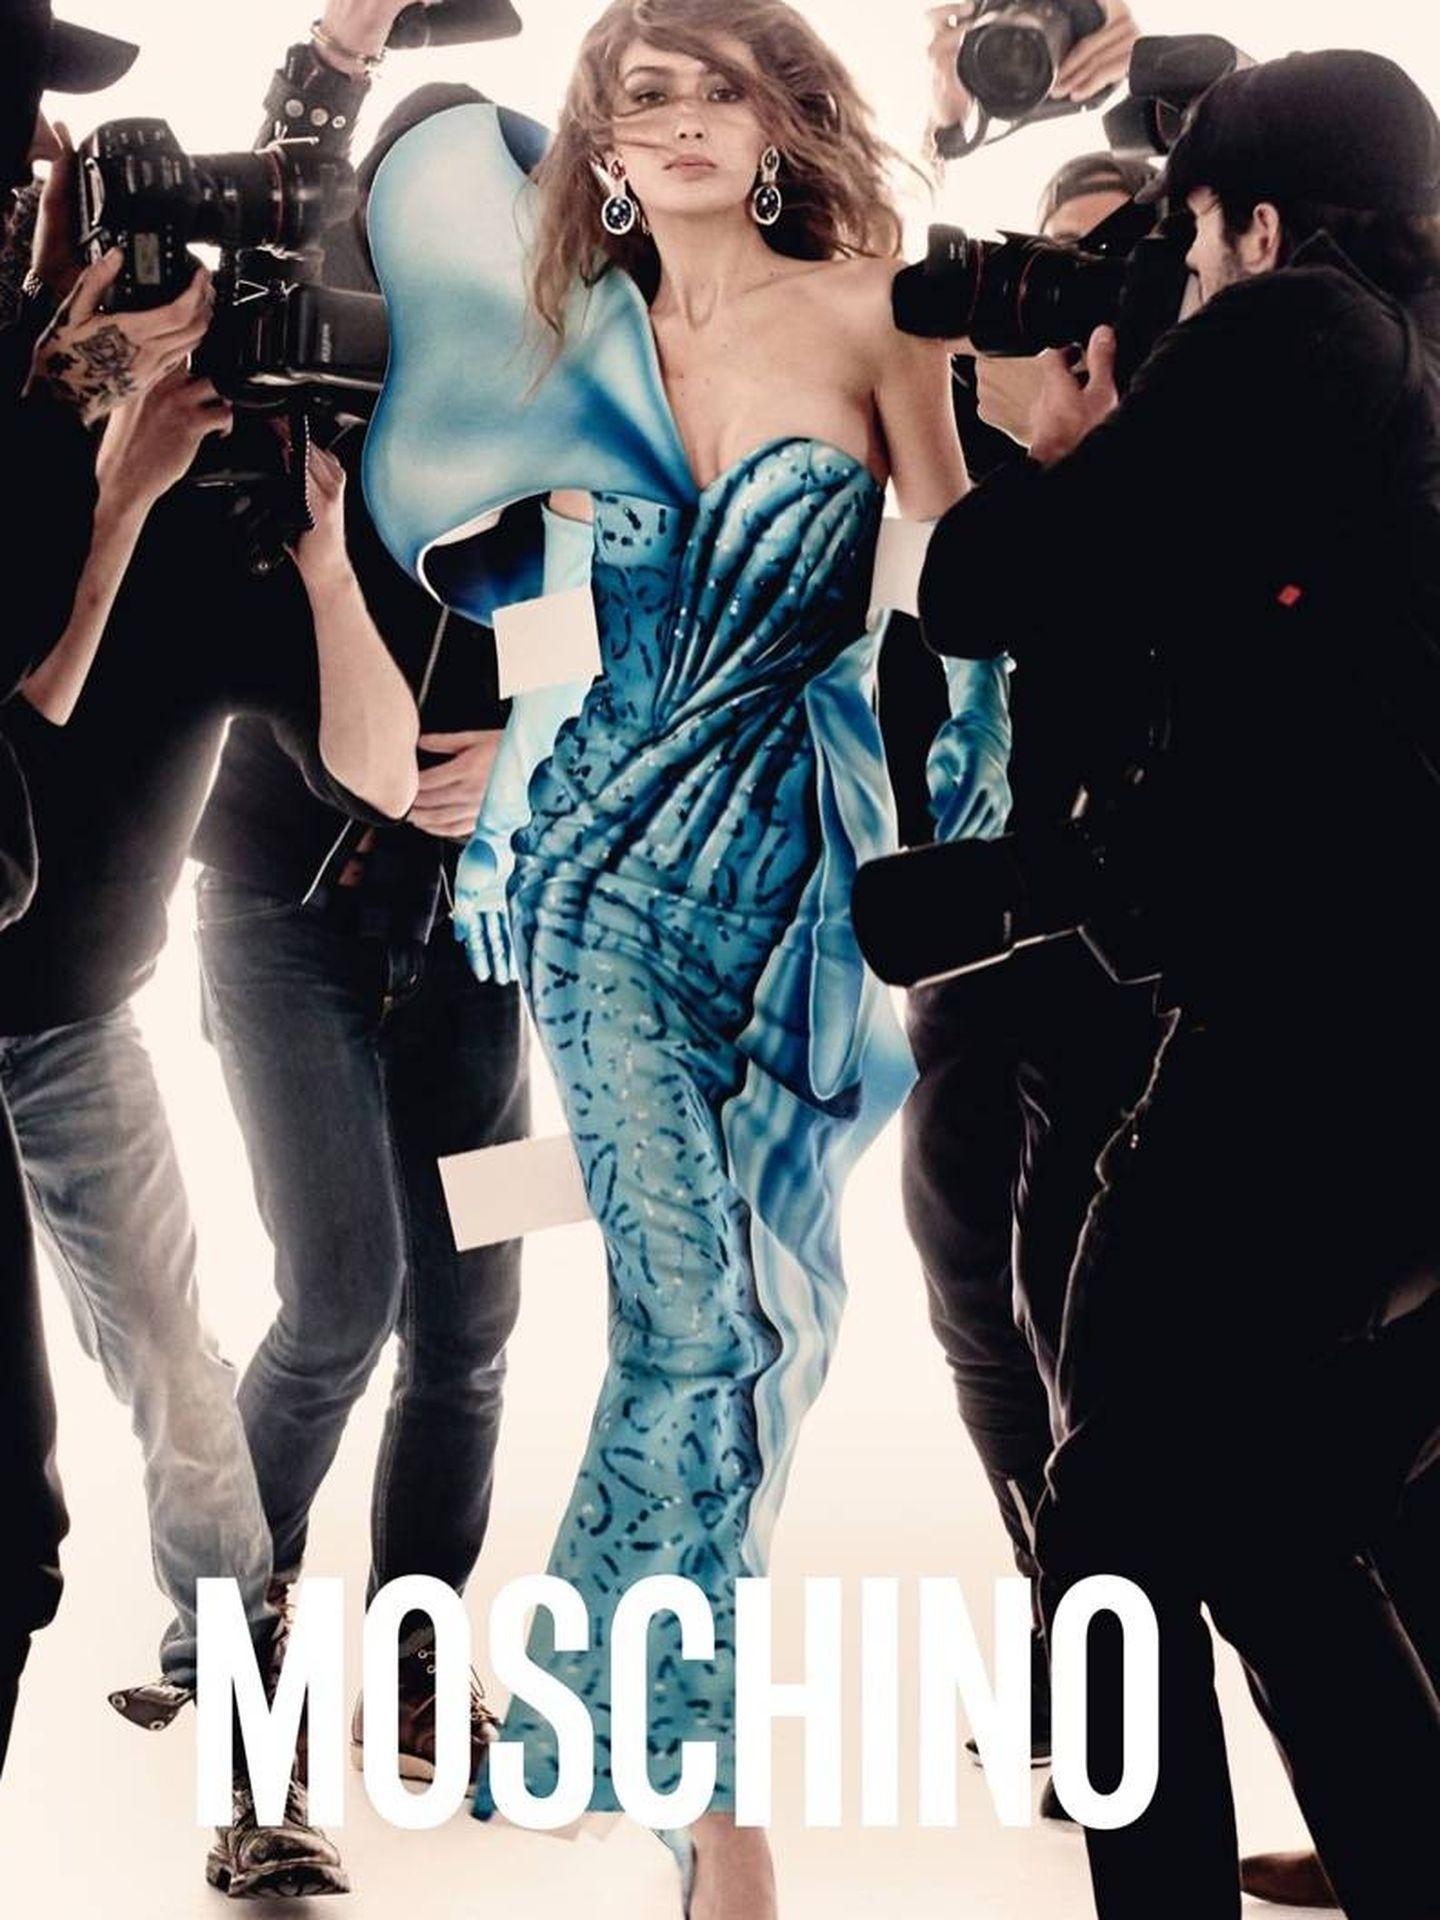 Imagen: Moschino